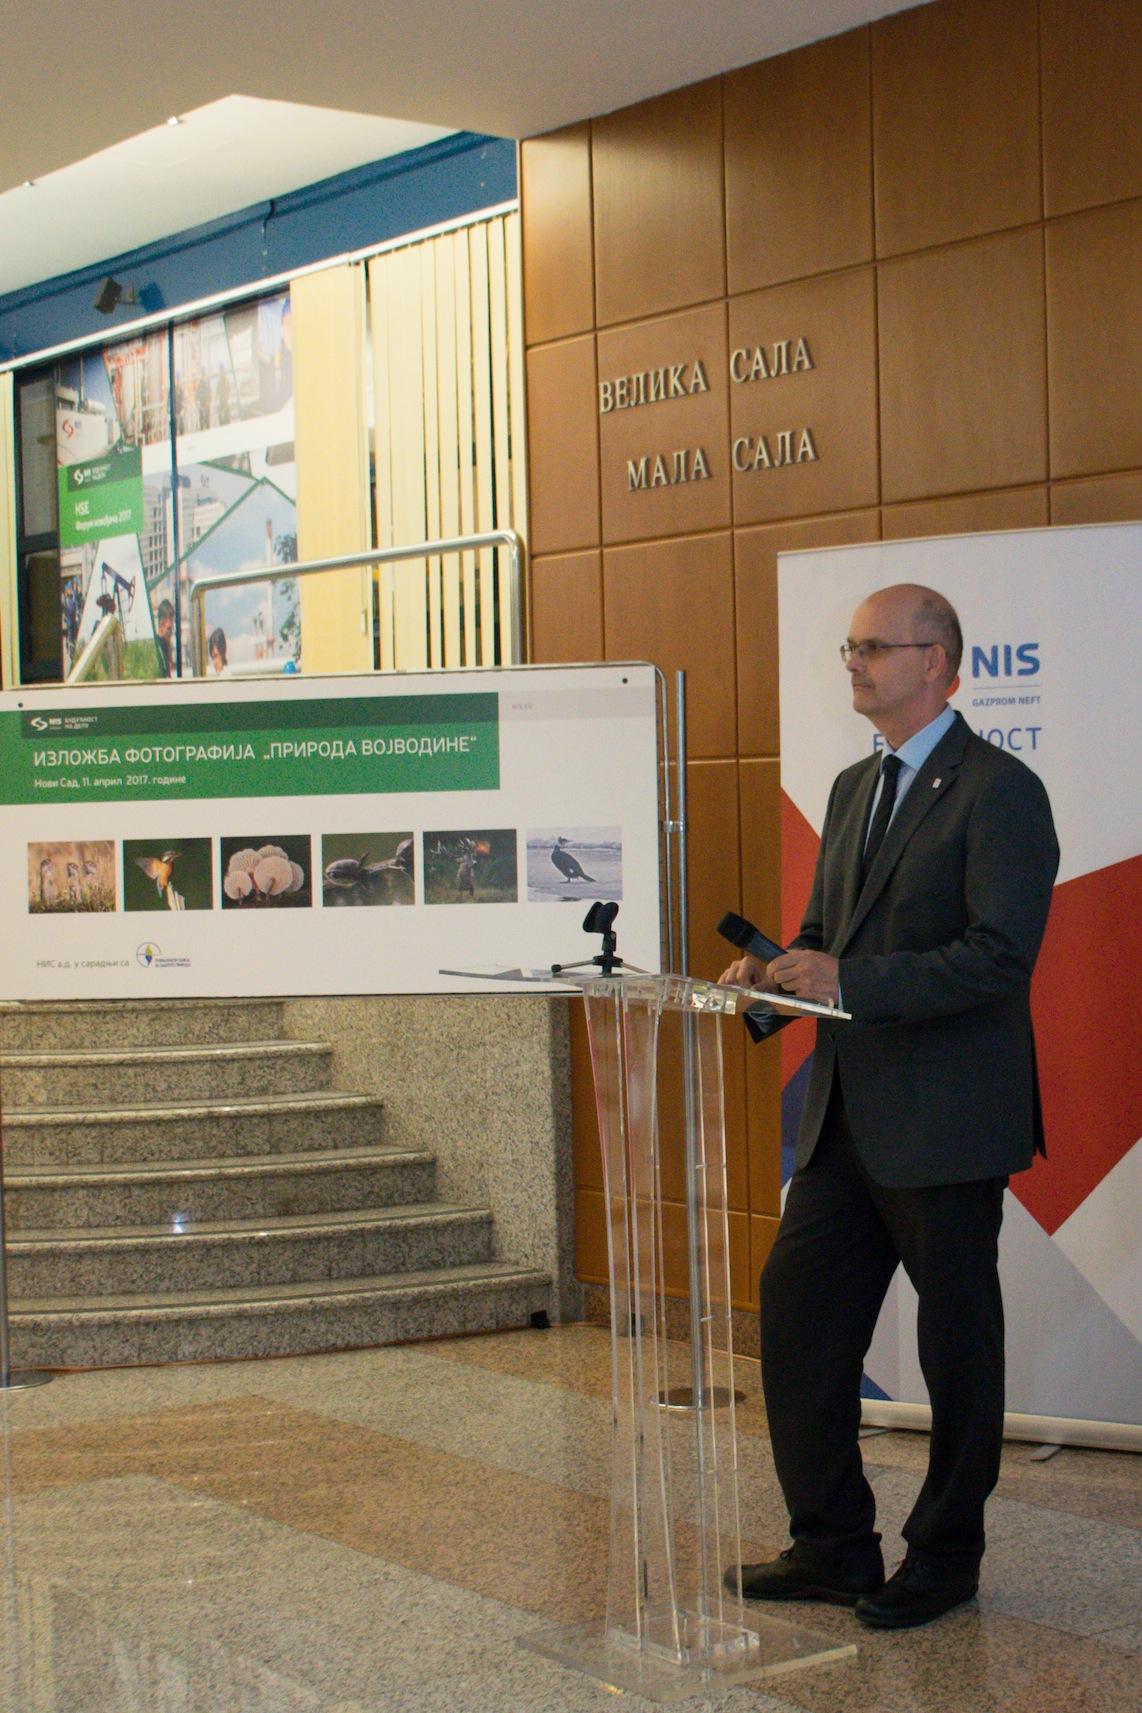 Дан заштите природе у НИС-у обележен изложбом фотографија о природи Војводине